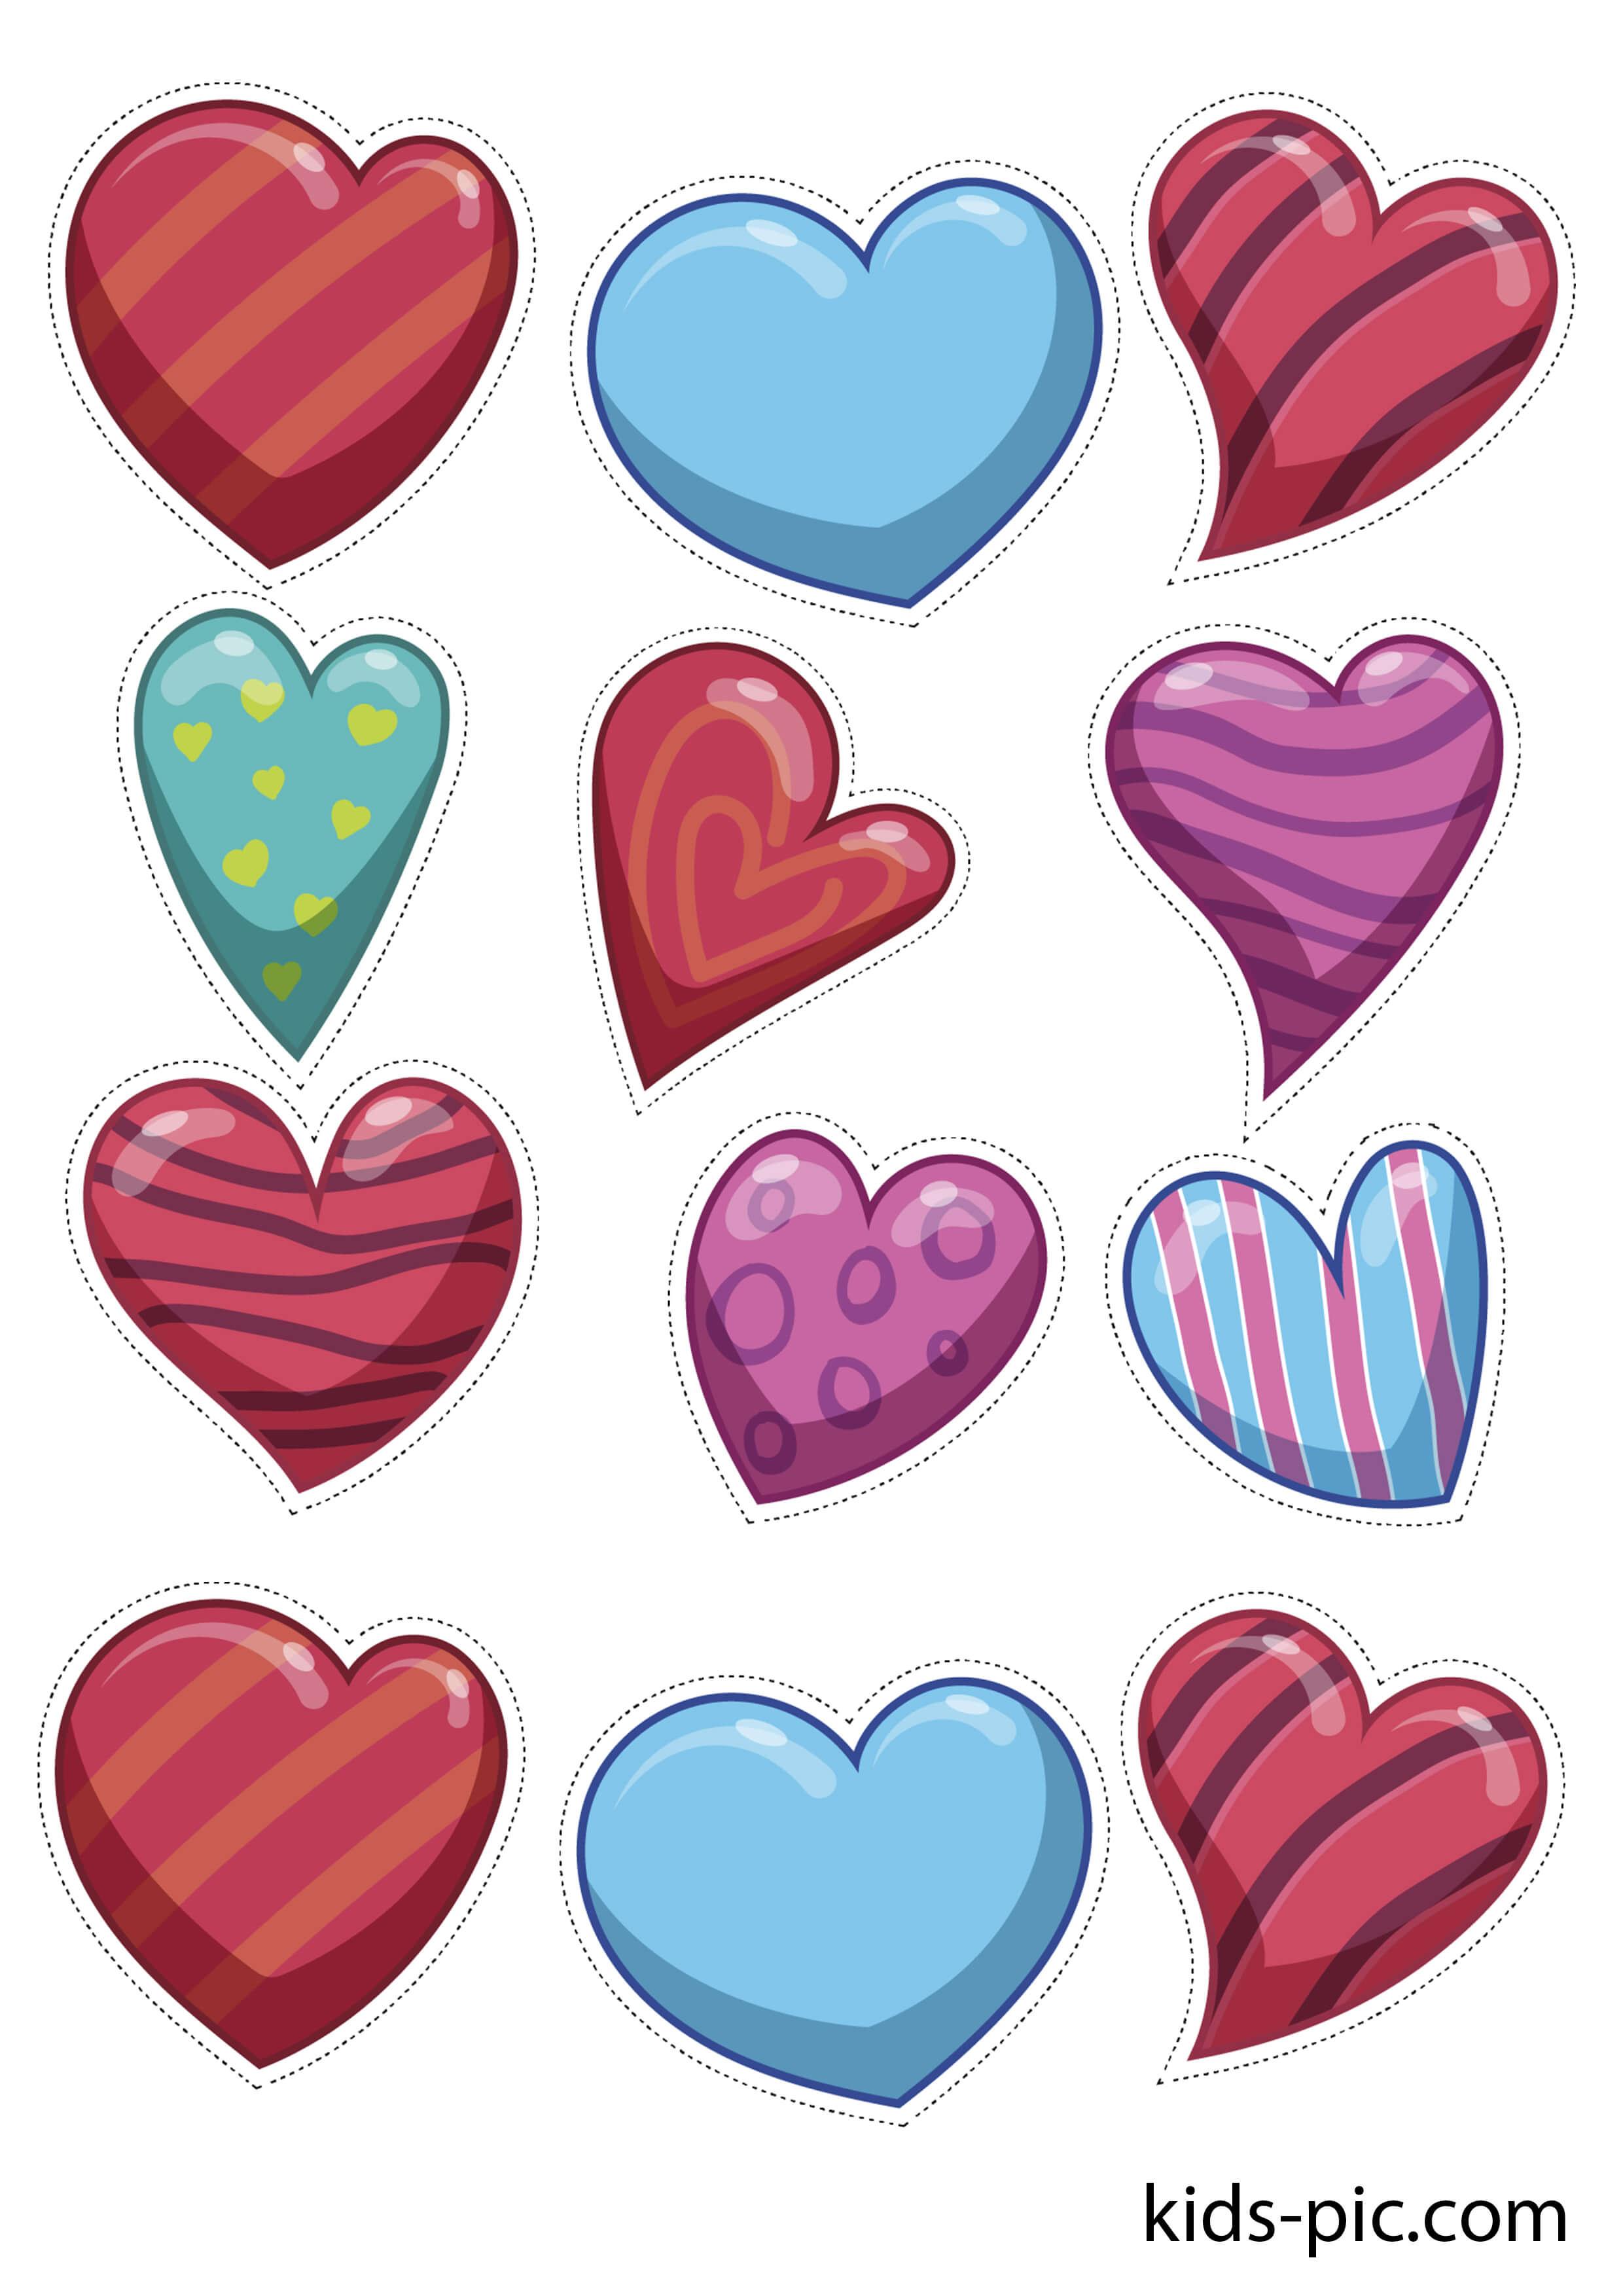 Сердечки картинки красивые распечатать цветные